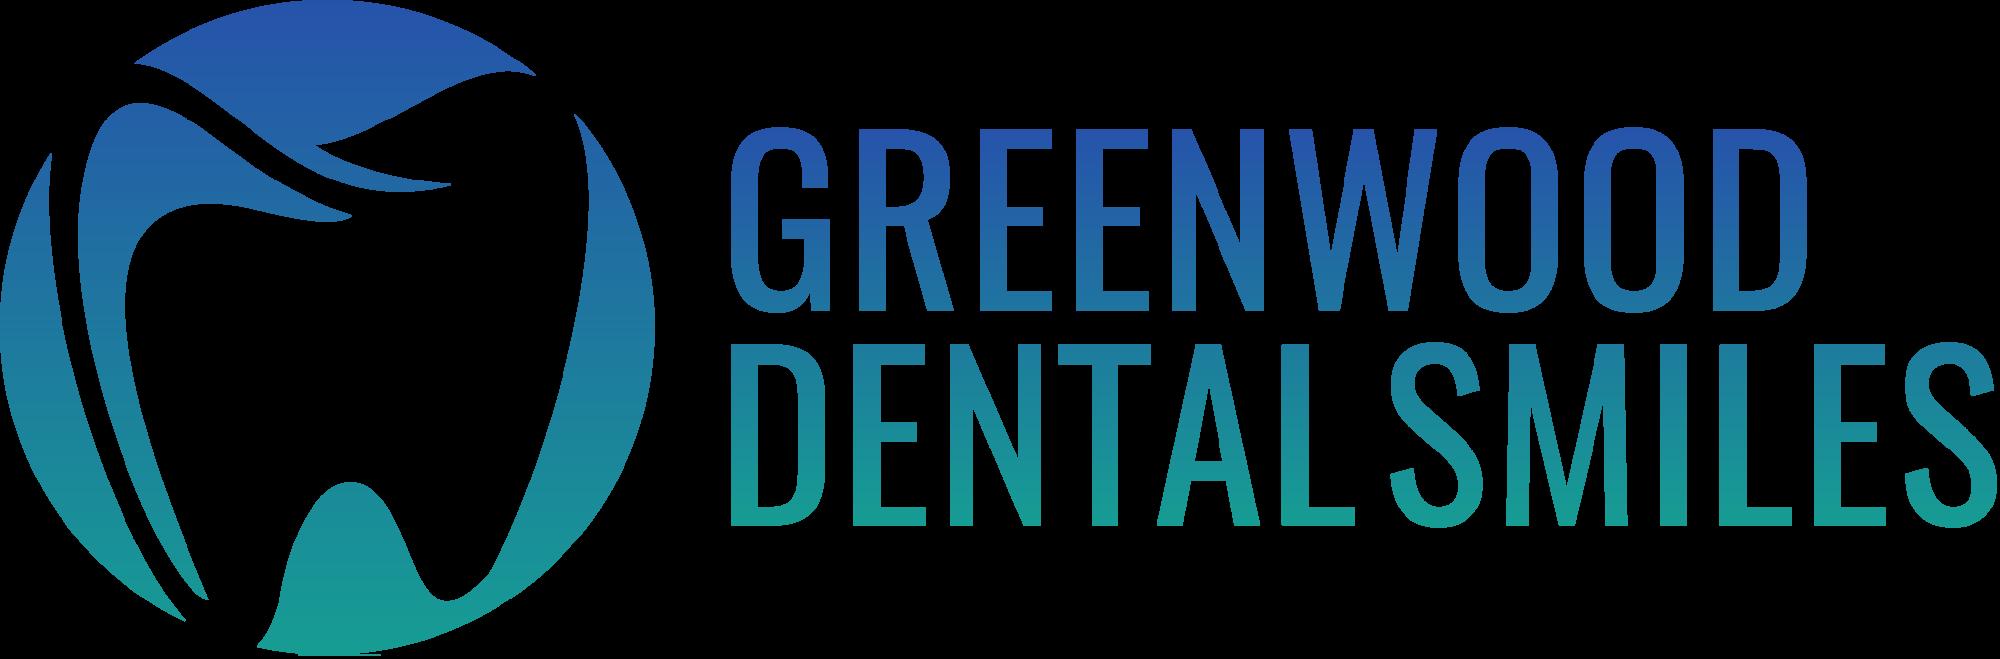 Greenwood Dental Smiles